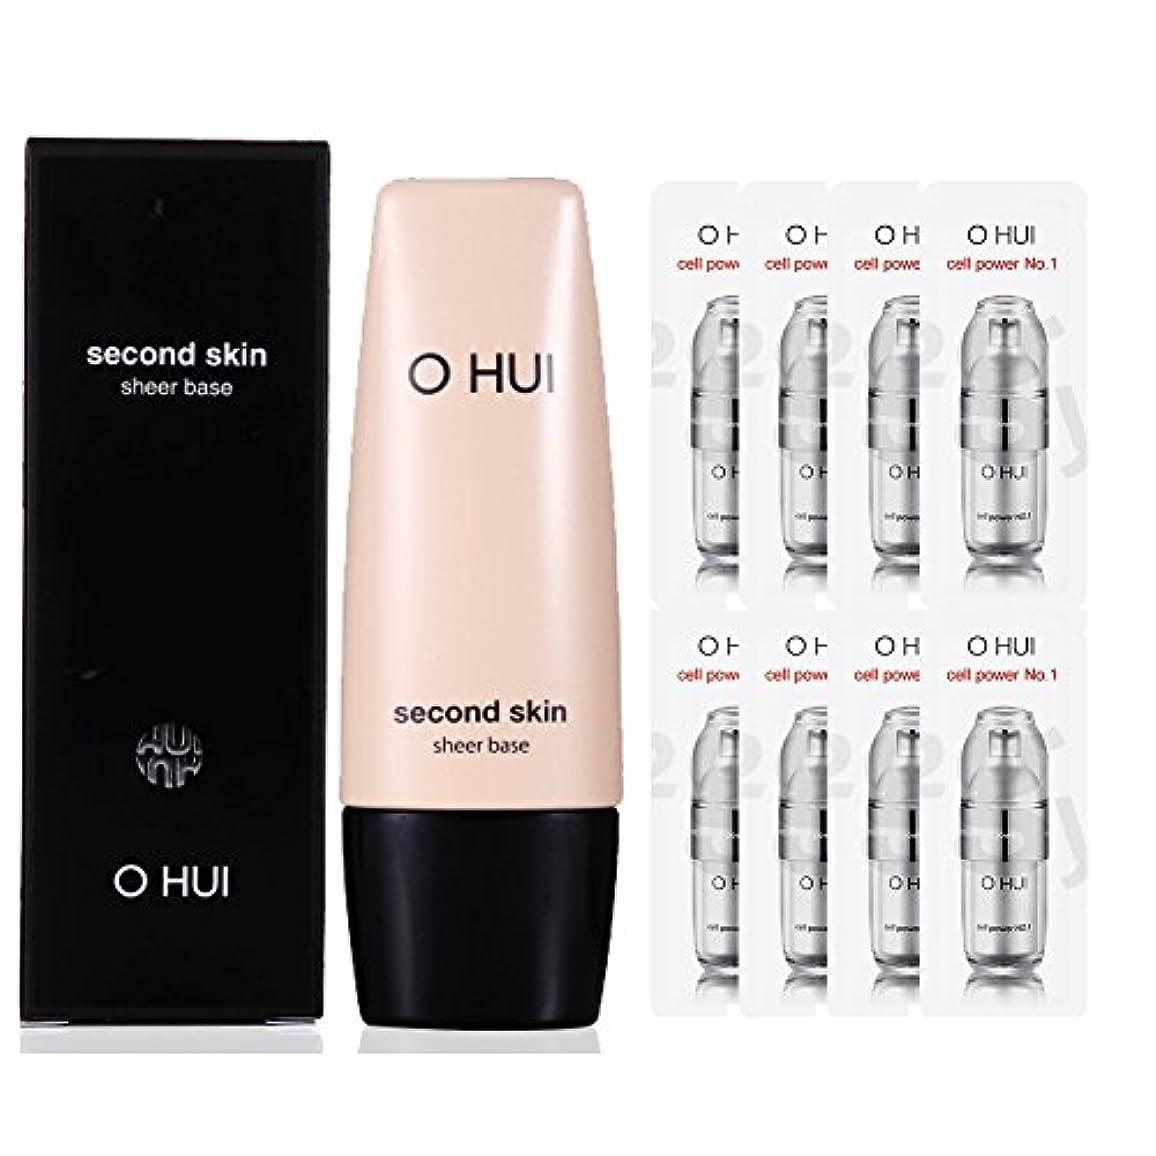 相関する会う訪問OHUI/オフィセカンドスキン シアーベース + 特別の構成 (OHUI SECOND SKIN SHEER BASE Makeup Base +Special Gift set)]【スポットセール】[海外直送品]